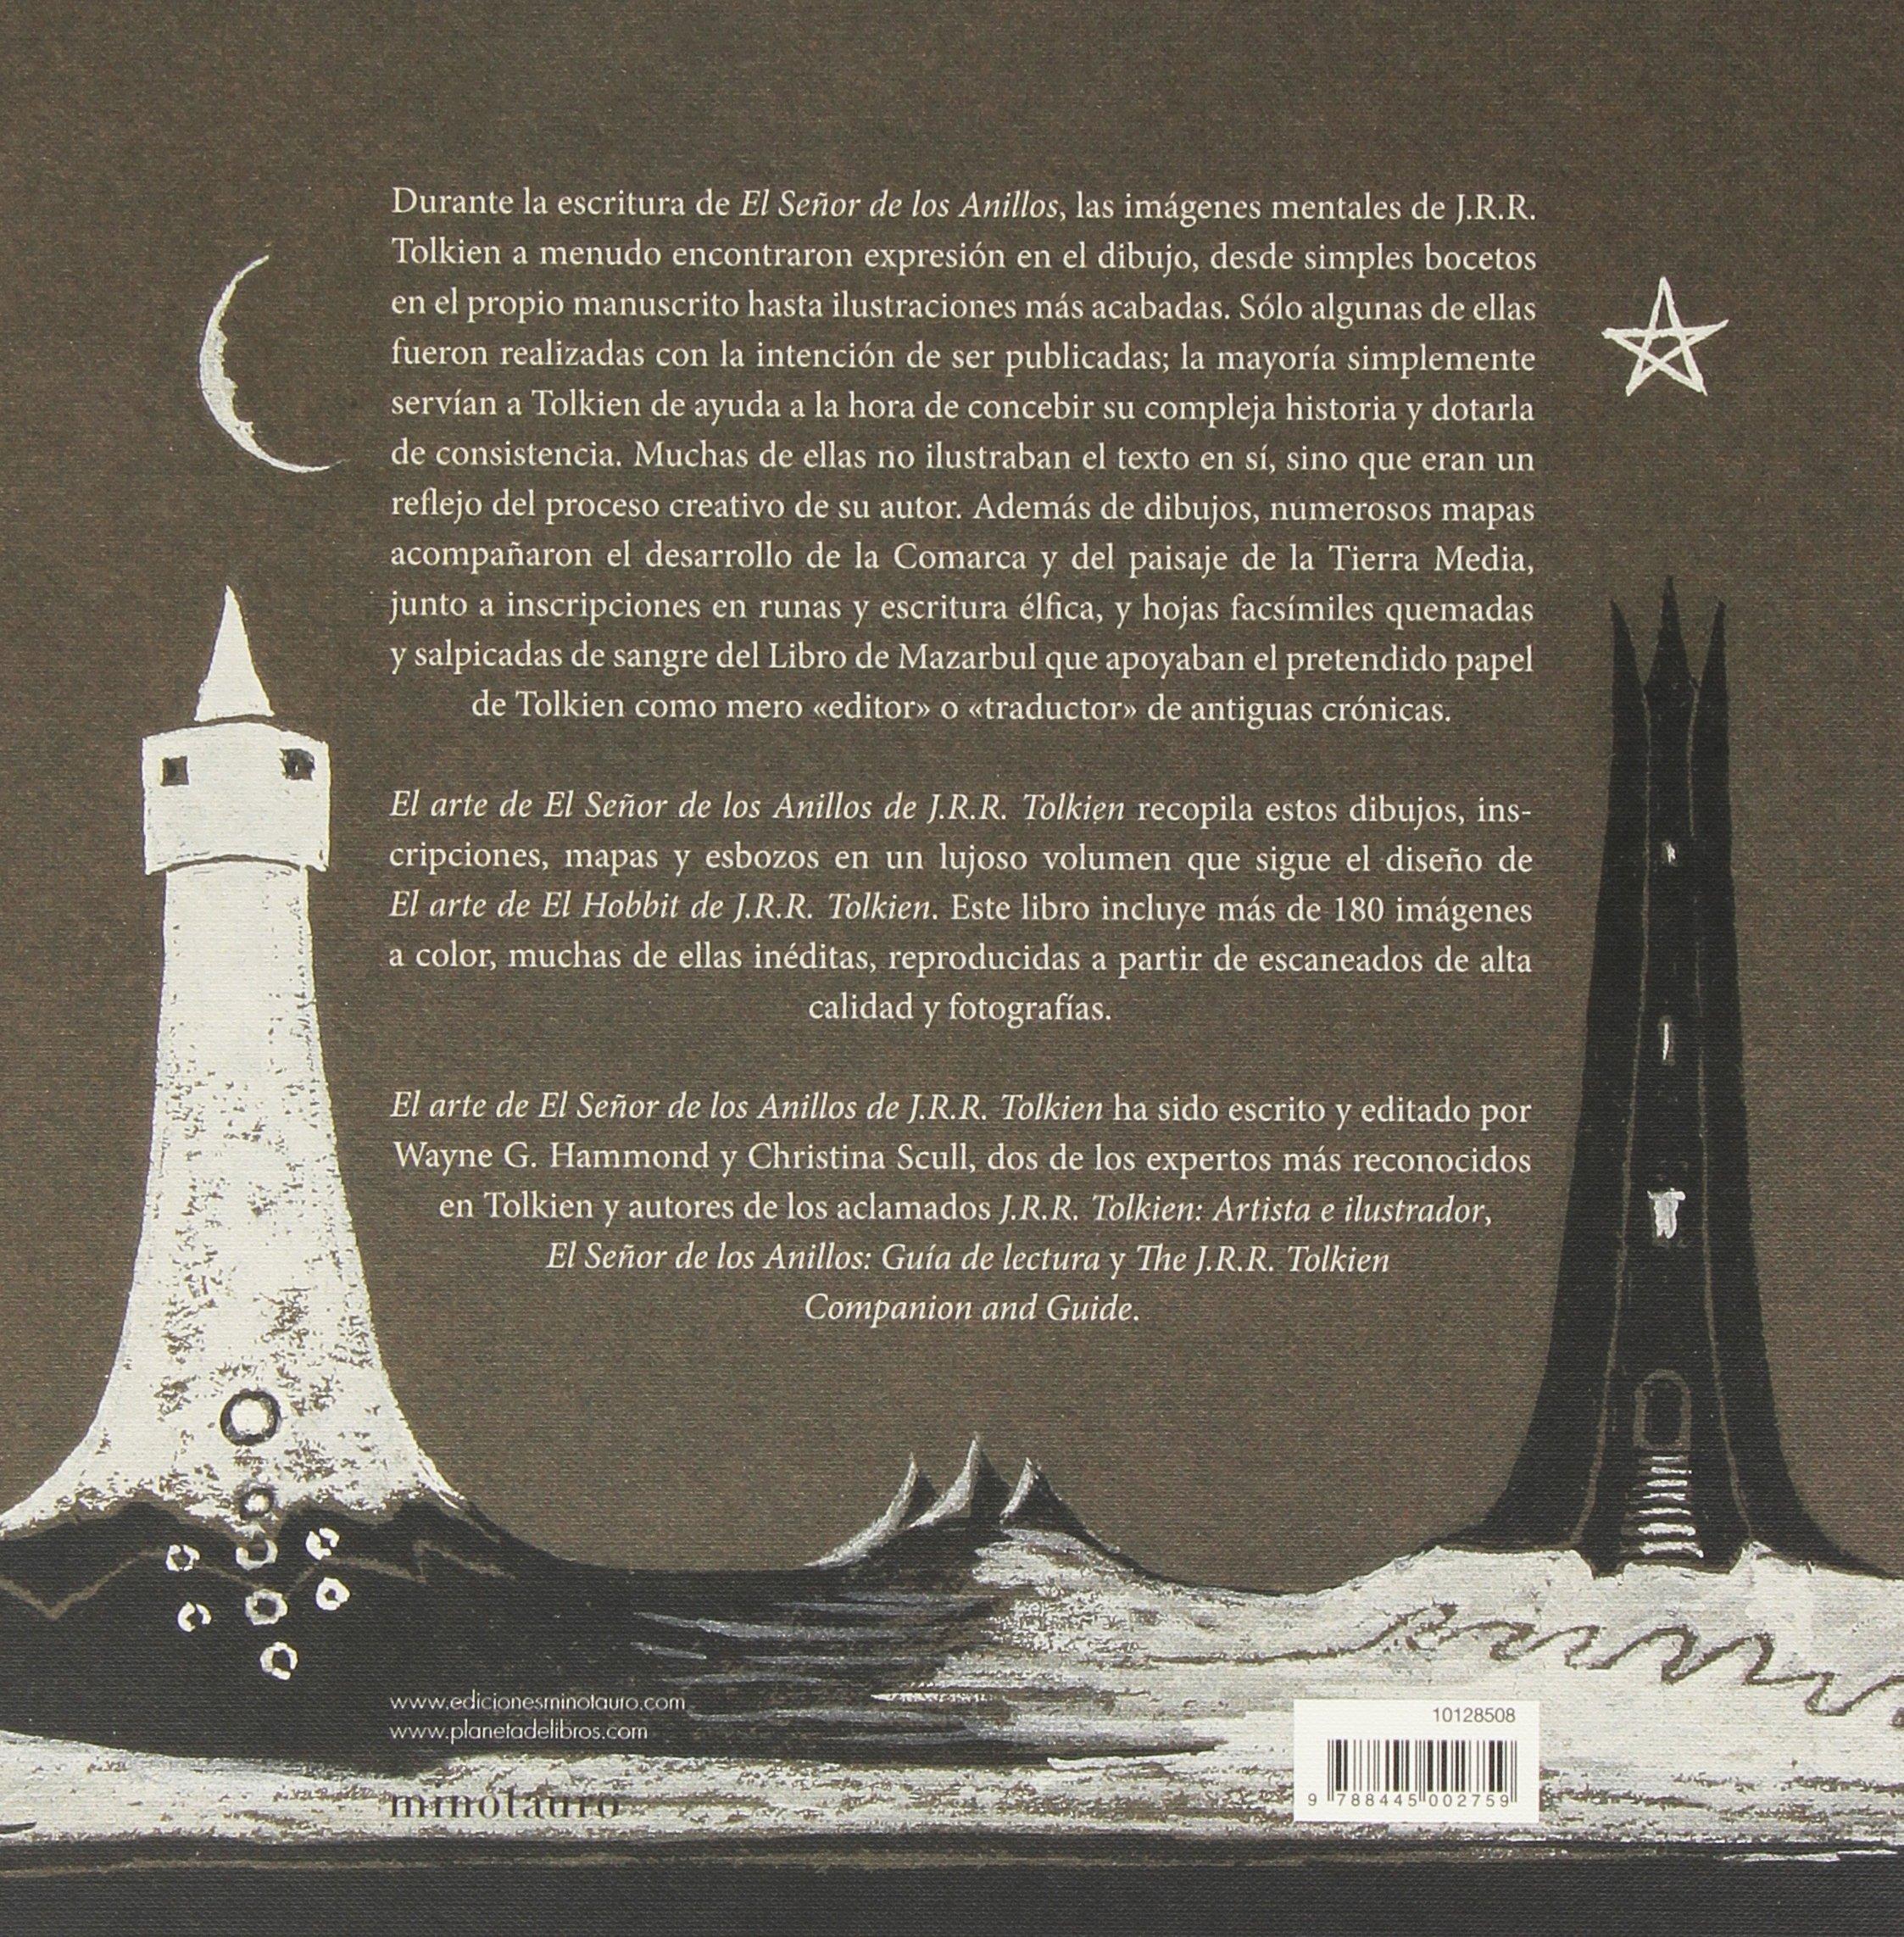 El arte de El Señor de los Anillos de J.R.R. Tolkien: 3 Biblioteca ...